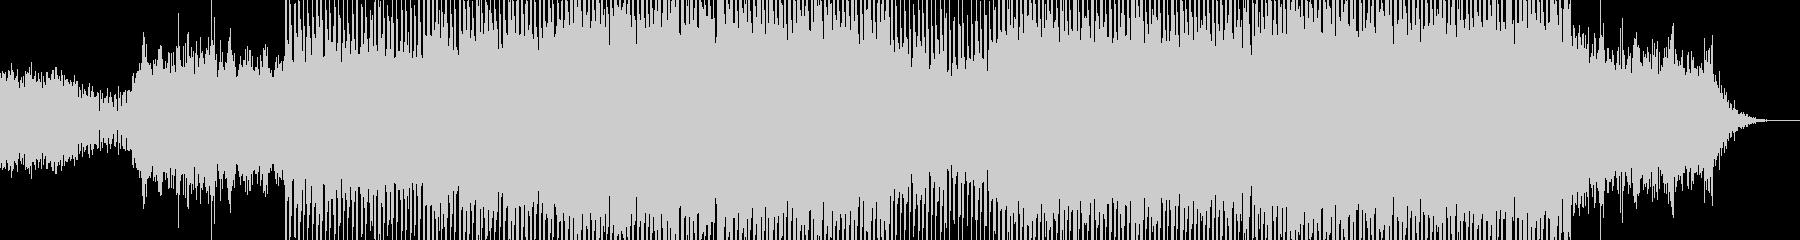 EDMクラブ系ダンスミュージック-11の未再生の波形